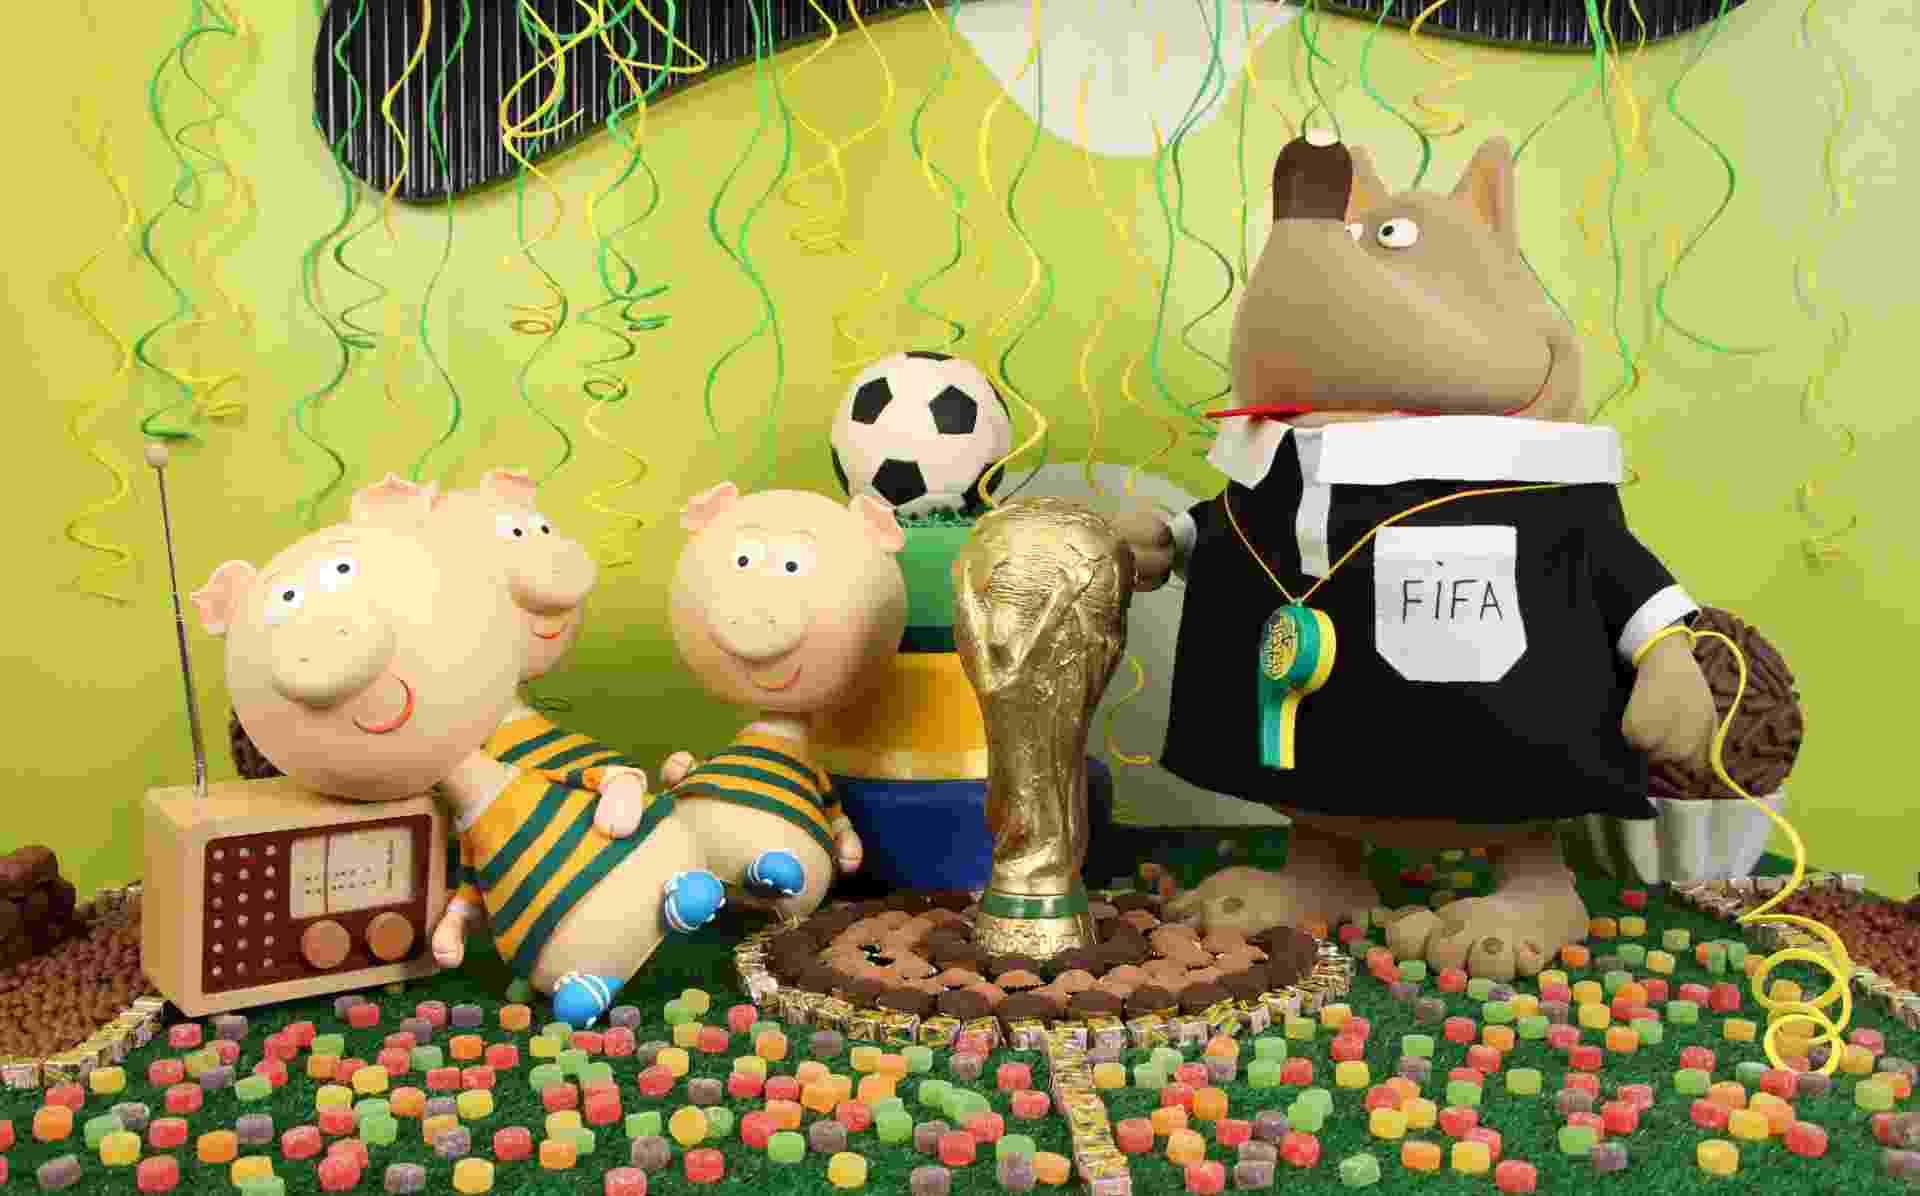 Festa Copa do Mundo - Talita Ferraz/Divulgação